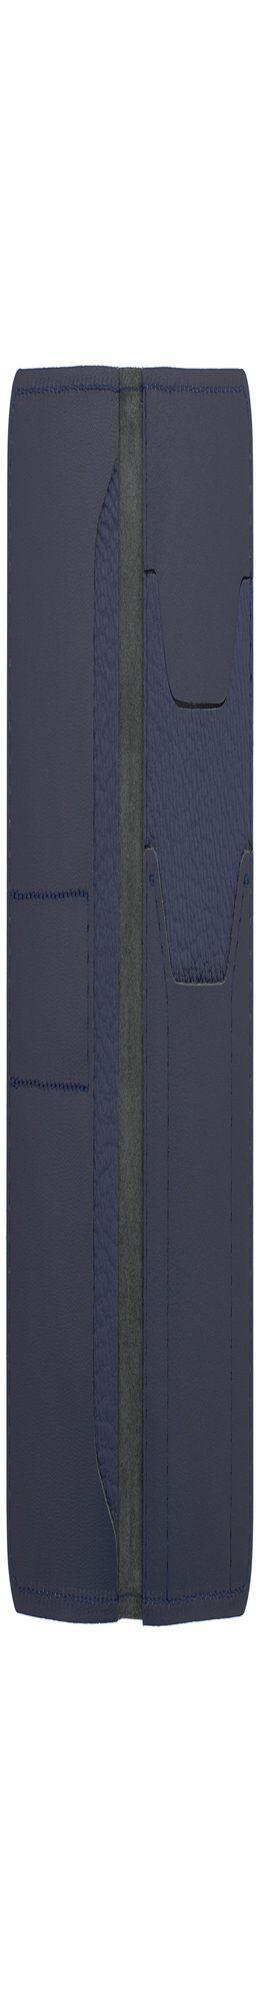 Автобумажник Hakuna Matata, синий фото